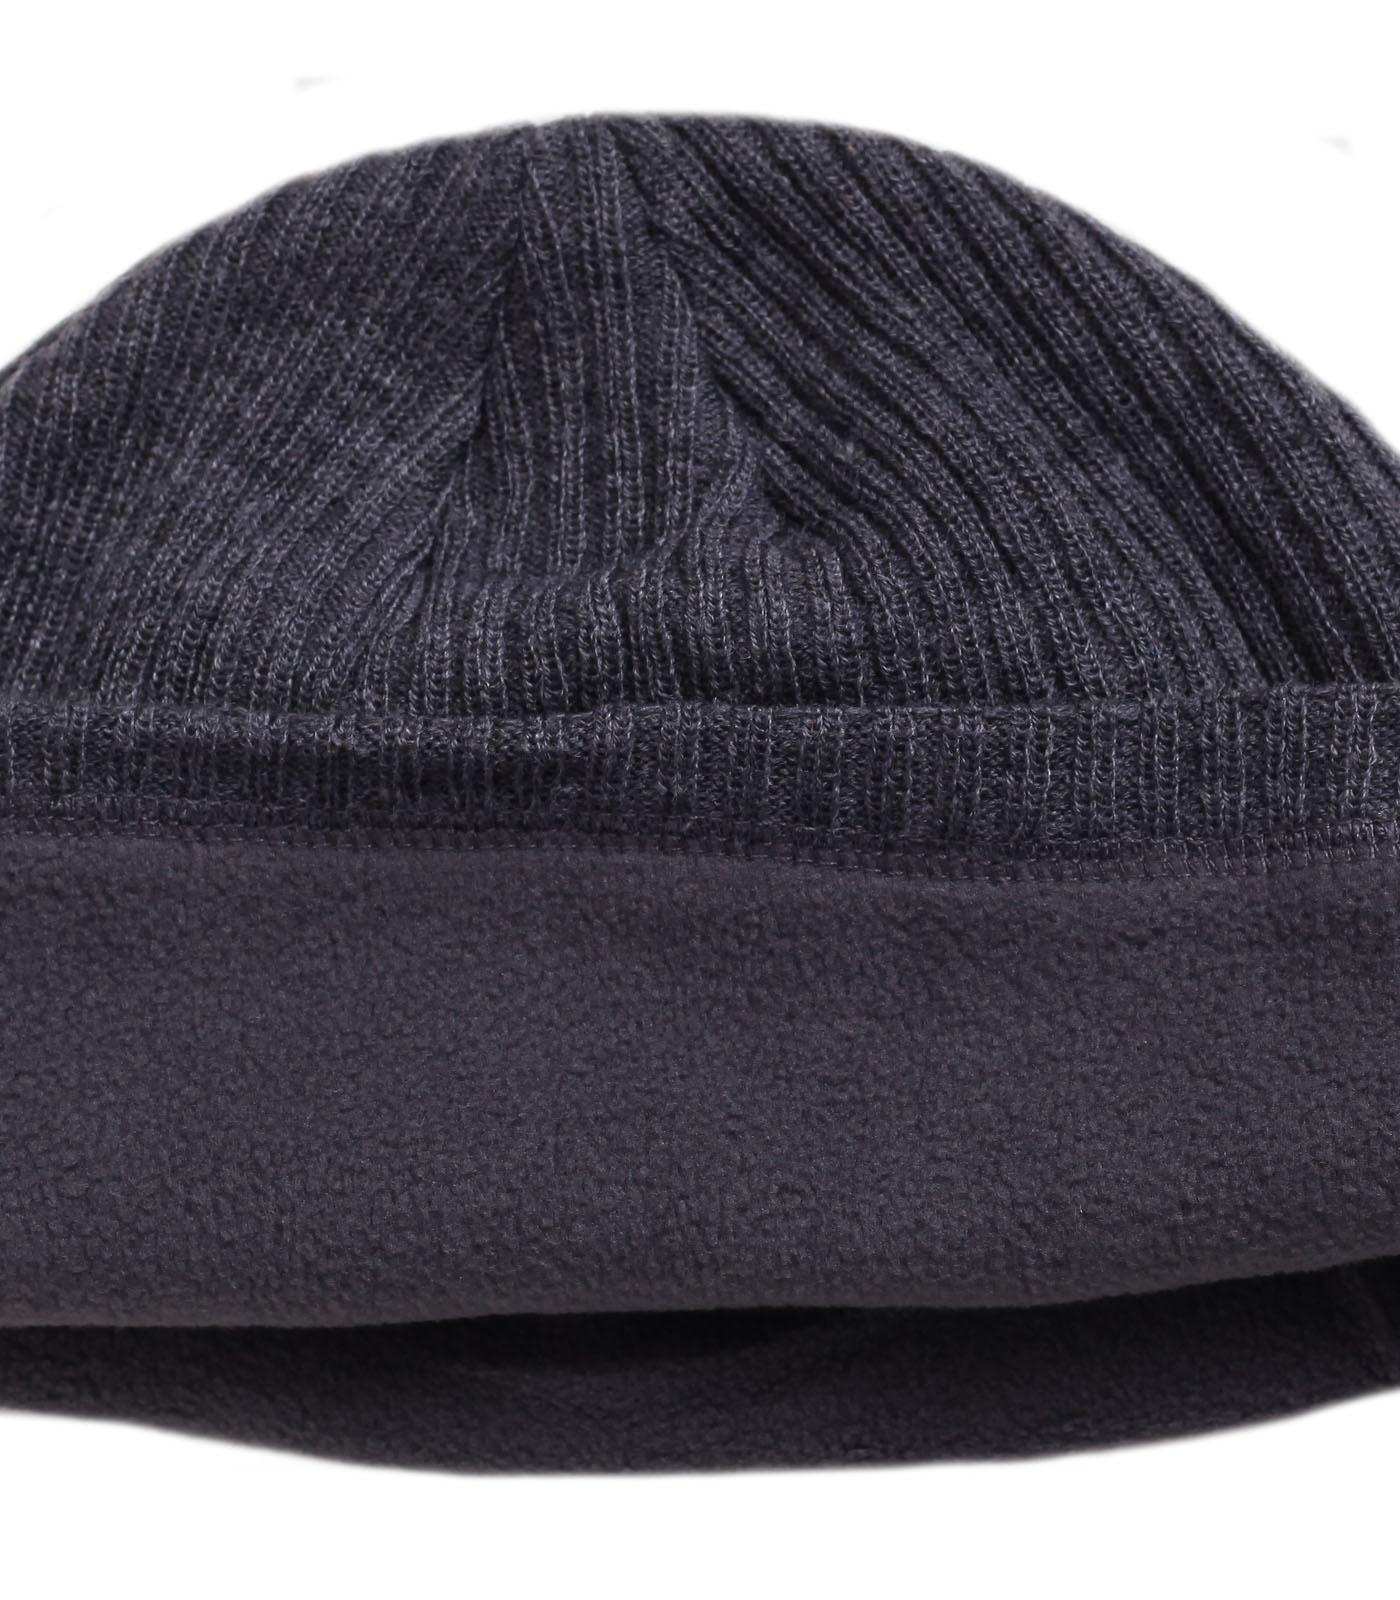 Заказать городскую зимнюю шапку утепленную флисом комфортную актуальную современную модель по лучшей цене